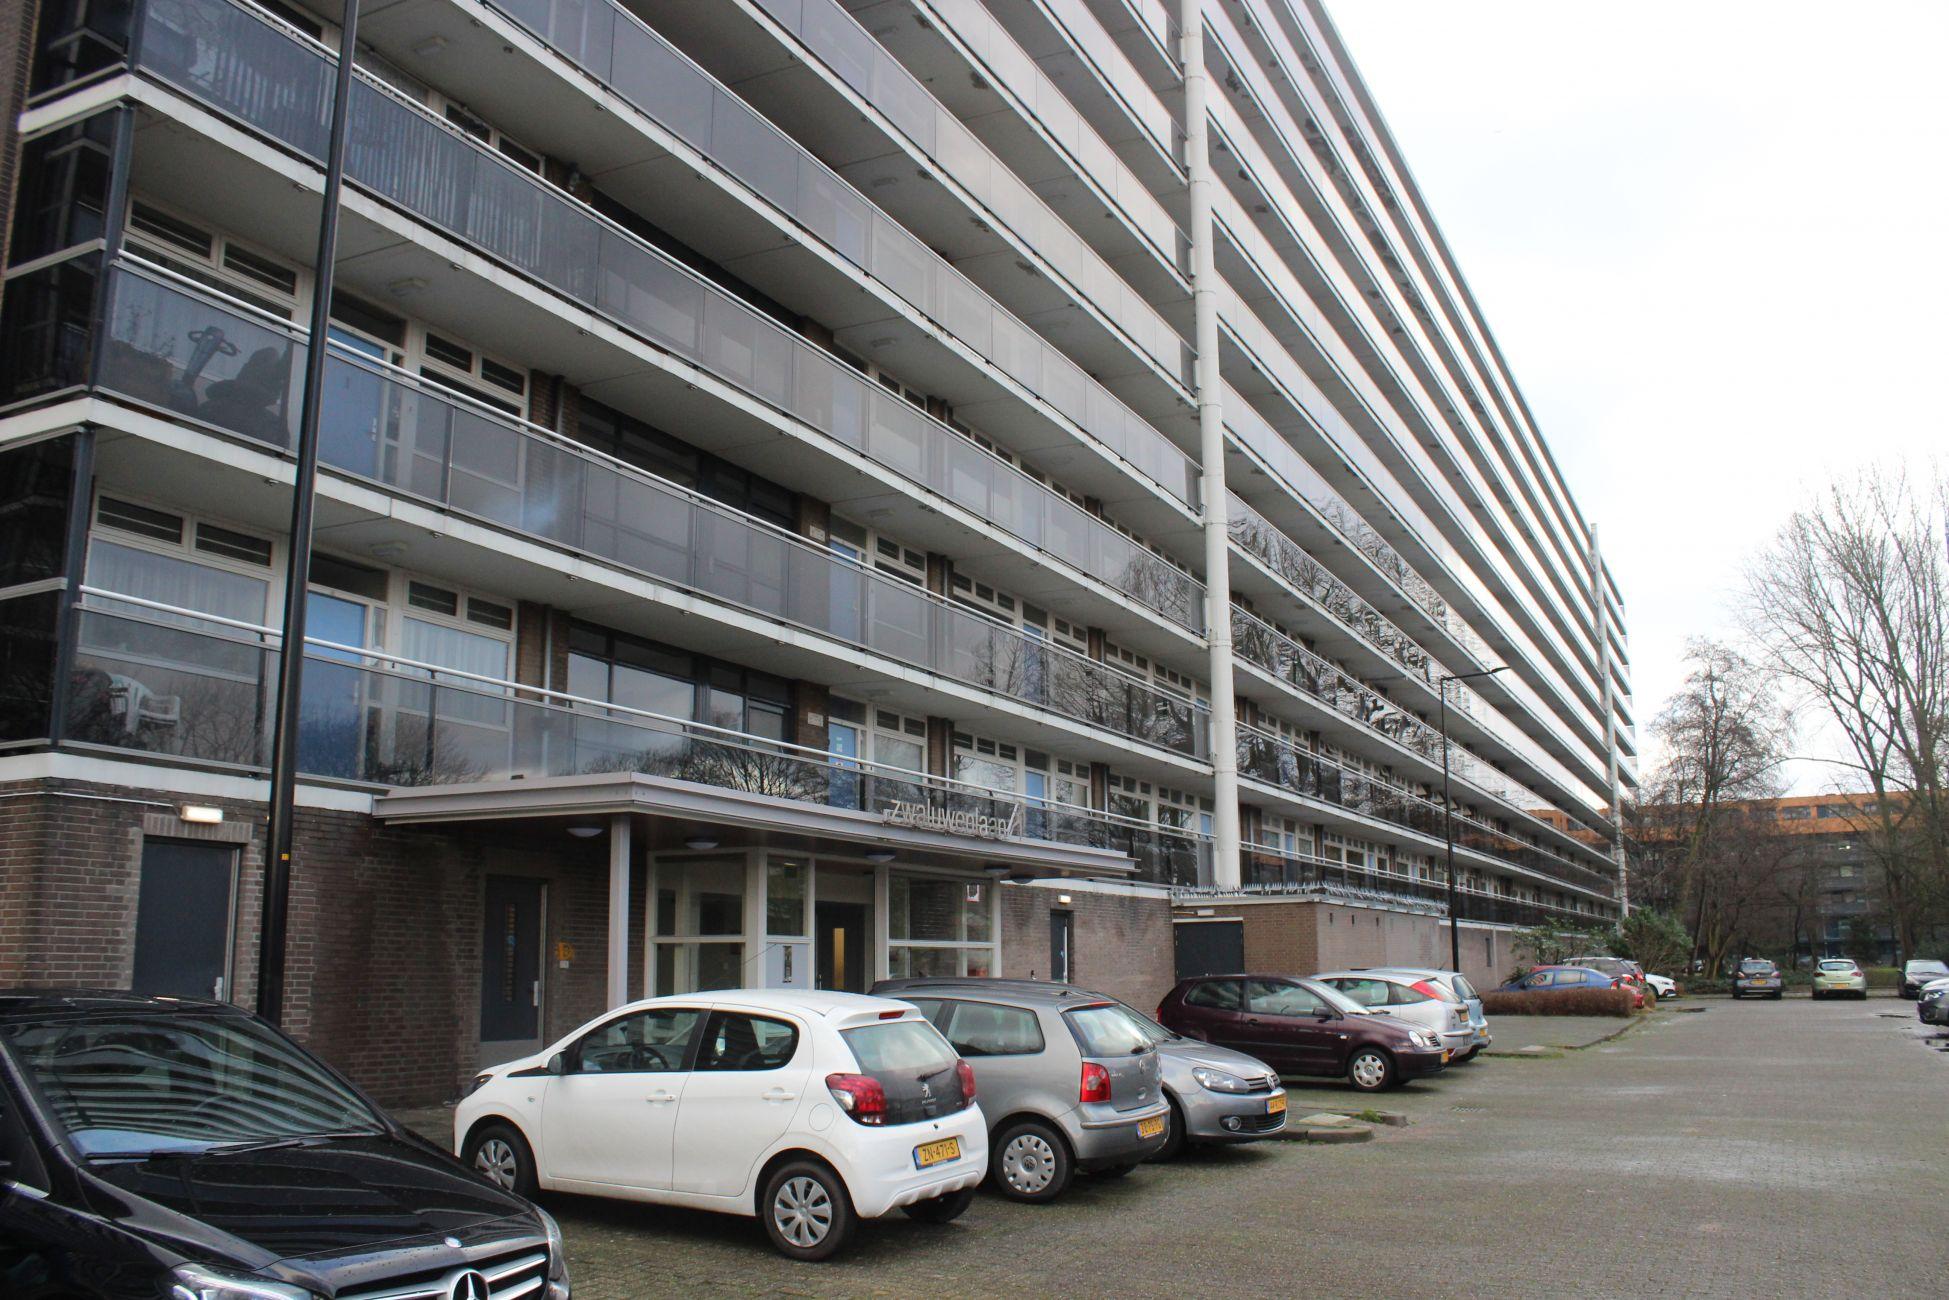 Twijfels over constructie: bouwkundig onderzoek flat Zwaluwenlaan